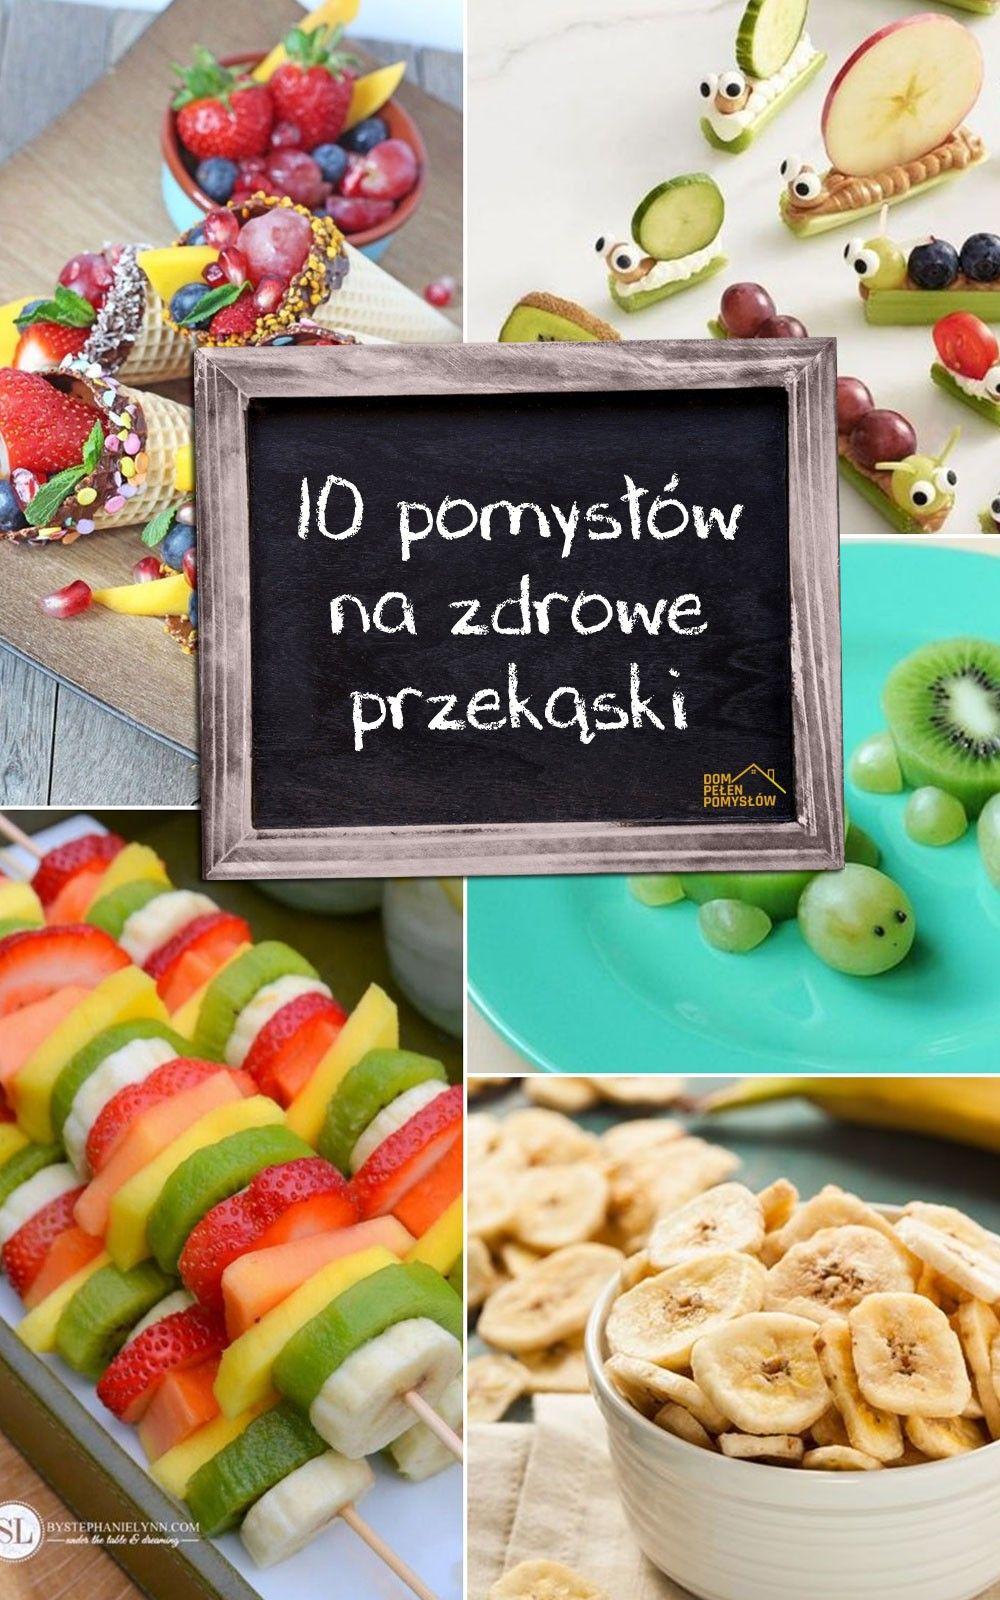 10 Pomyslow Na Pyszne I Zdrowe Przekaski Dla Dzieci With Images